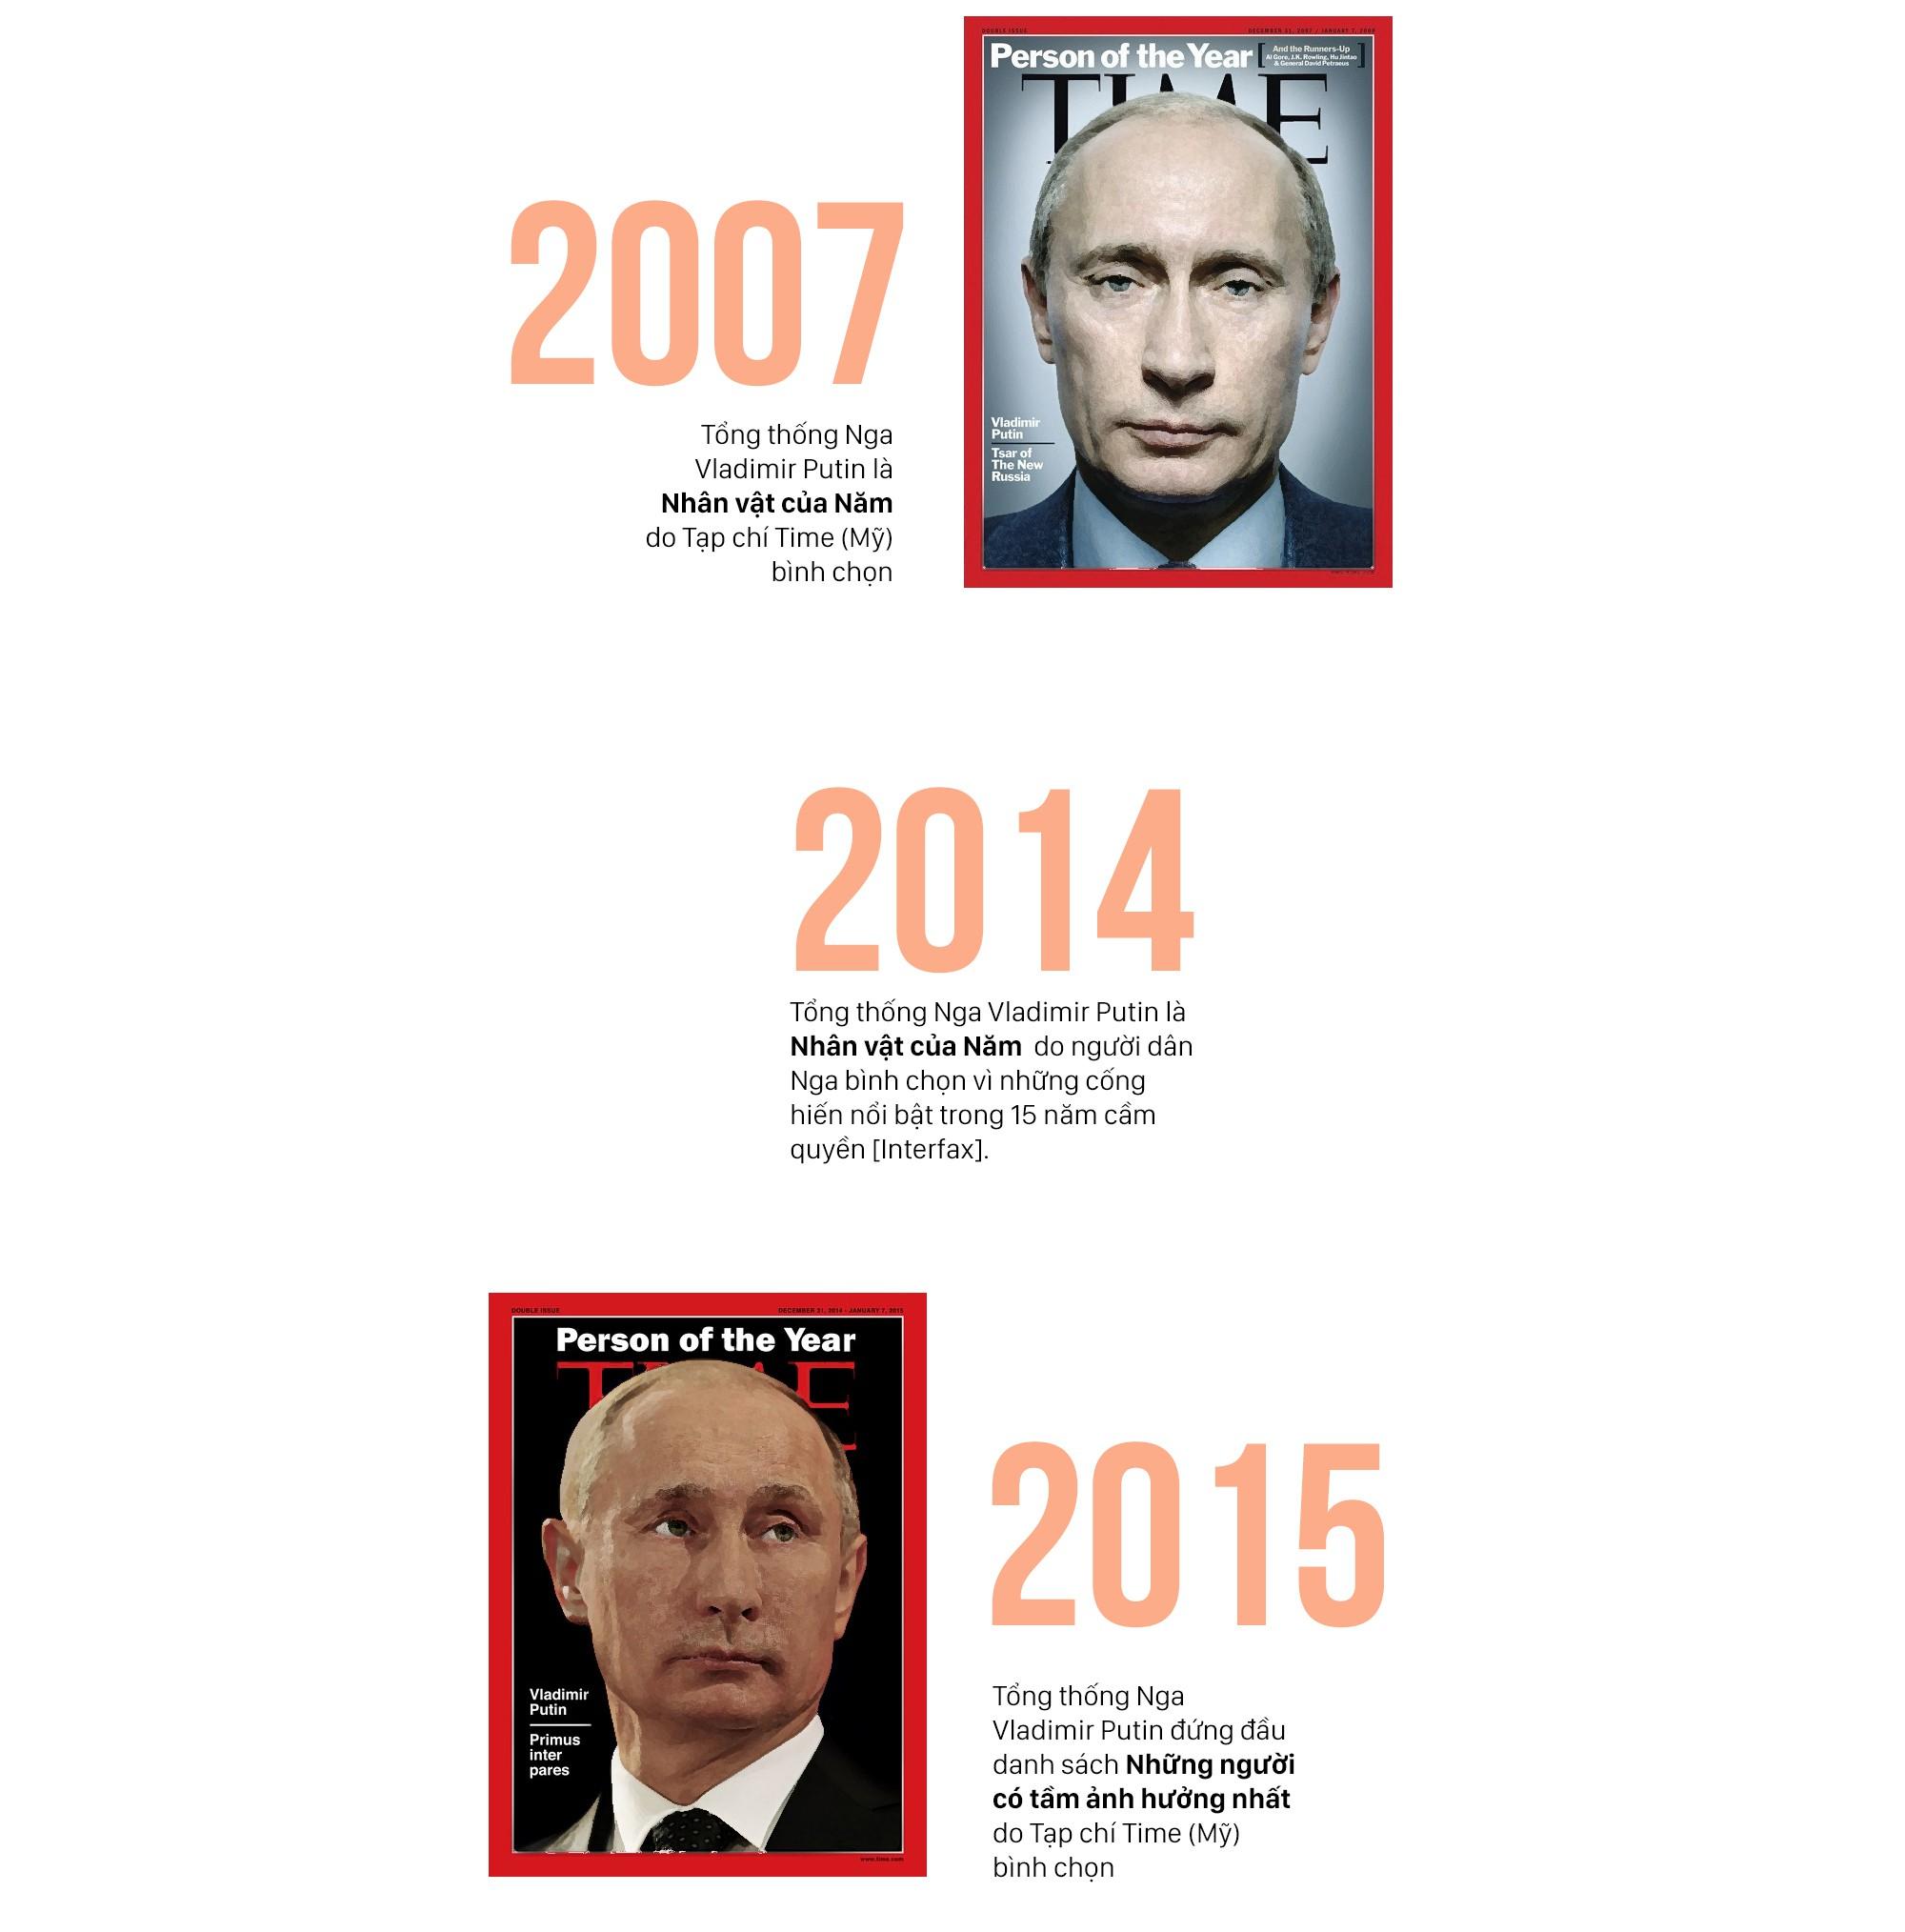 Tổng thống Nga Vladimir Putin: Chủ nhân Điện Kremlin 3 nhiệm kỳ và những con số đáng nể - Ảnh 5.